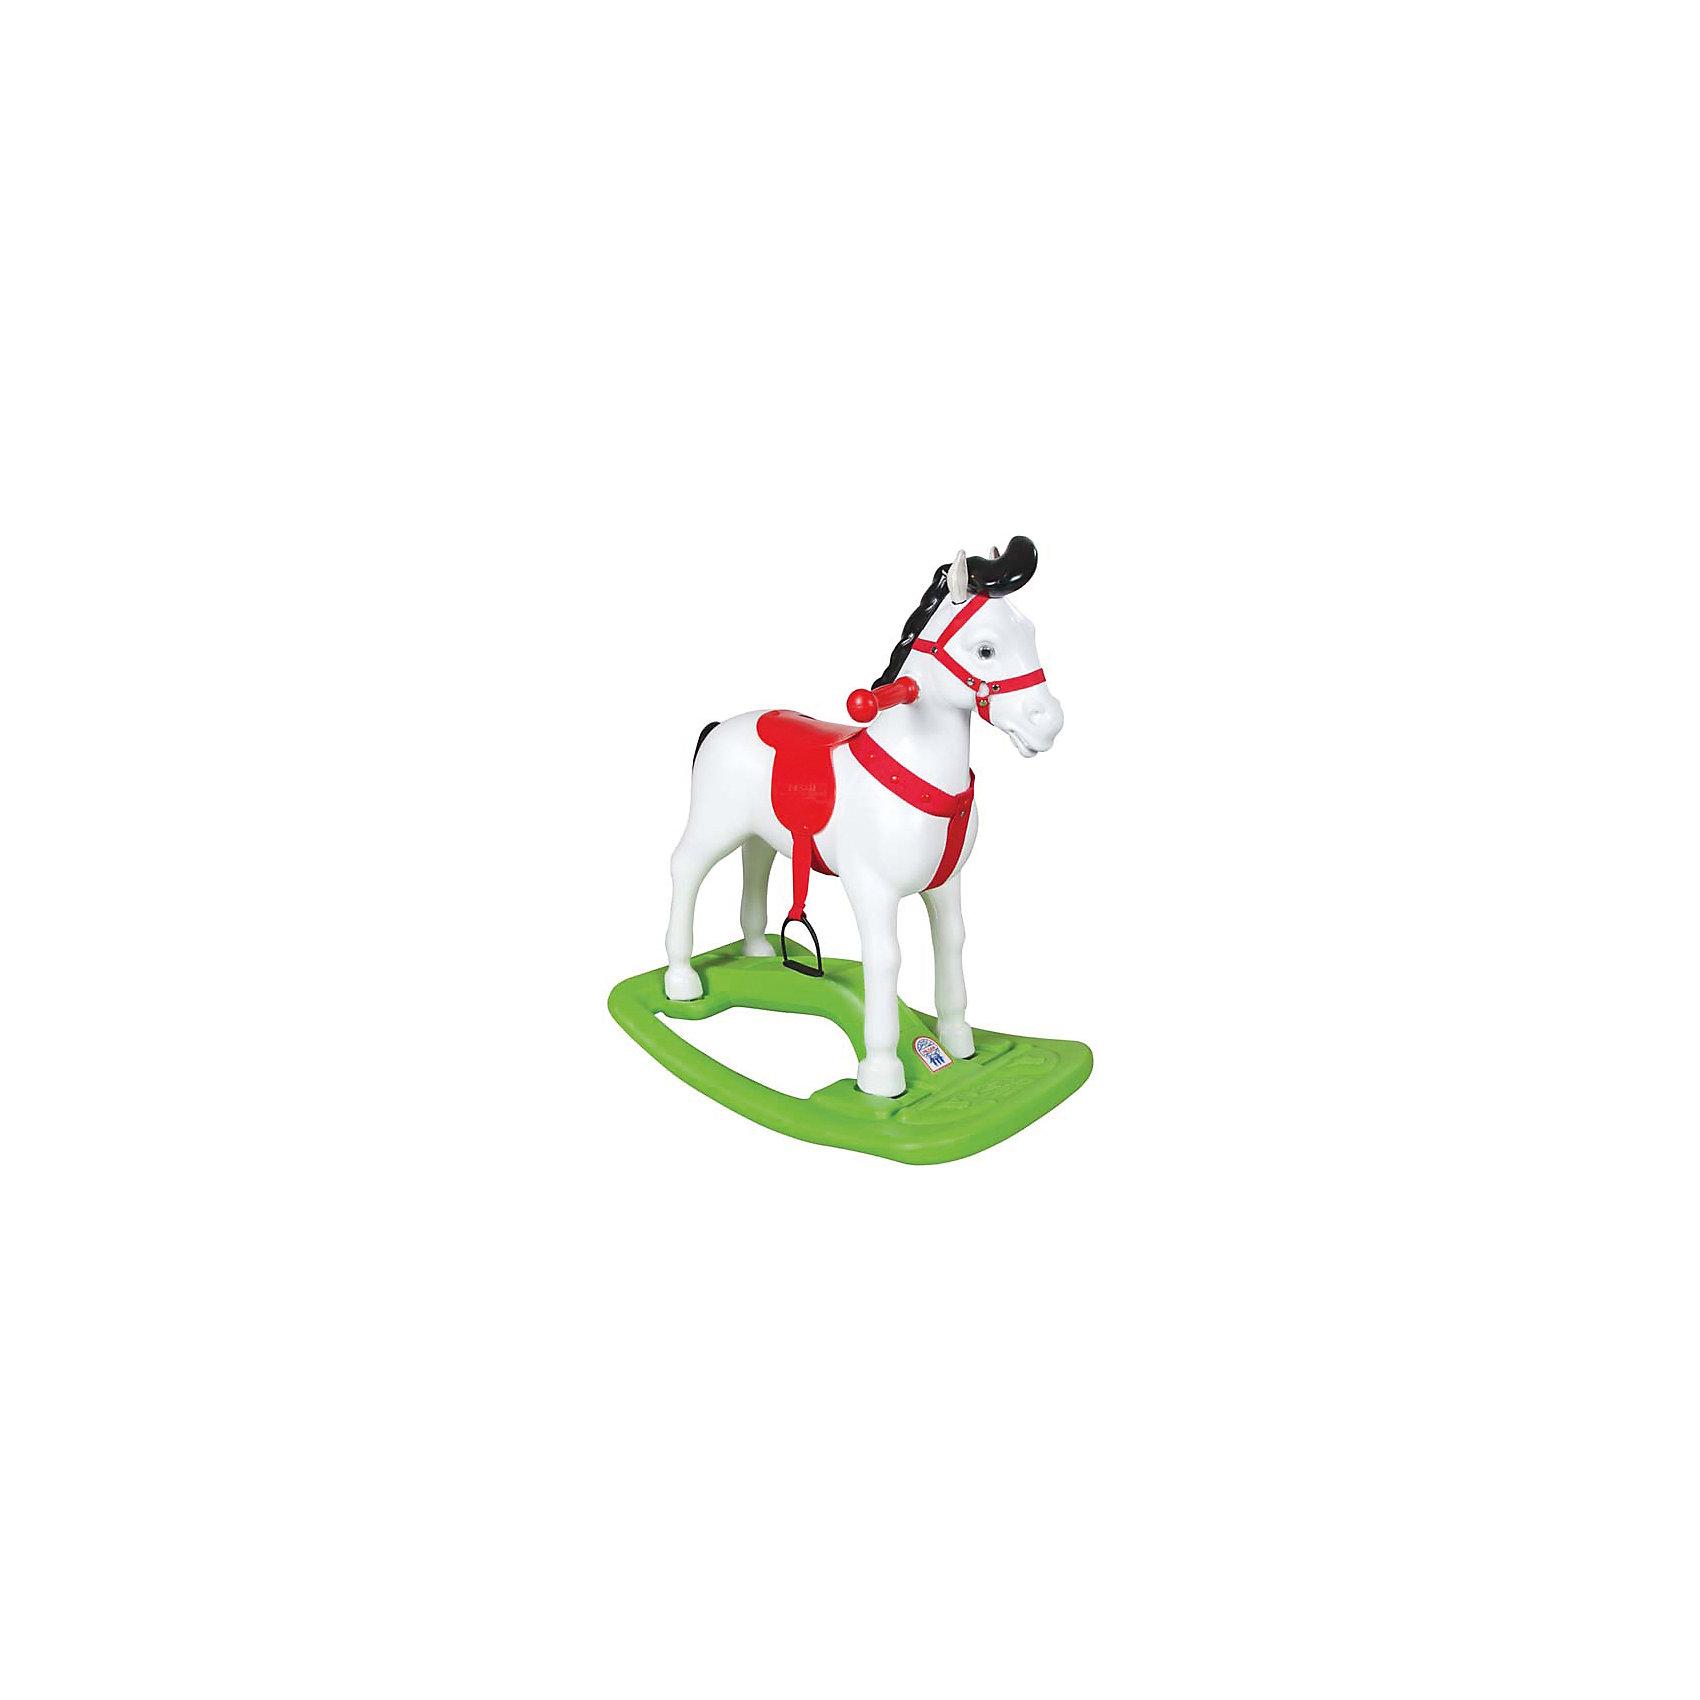 Качалка Лошадь большая, PILSANКачели и качалки<br>Качалка Лошадь большая, PILSAN (Пилсан)<br><br>Характеристики:<br><br>• защита от опрокидывания<br>• удобные ручки<br>• эргономичный дизайн<br>• фиксаторы для ног<br>• способствует физическому развитию, развивает координацию<br>• материал: пластик<br>• максимальная нагрузка: 50 кг<br>• размер упаковки: 74х69х40 см<br>• вес: 3,4 кг<br><br>Большая качалка в виде лошадки станет украшением вашего дома. На такой очаровательной лошадке ребенок всегда будет качаться с интересом! Качалка оснащена фиксаторами для ног и защитой от опрокидывания. Удобные ручки позволят ребенку держаться во время игры. Игра способствует физическому развитию и развитию координации движений. Игрушка выполнена из высококачественного пластика. Максимальная нагрузка - 50 кг.<br><br>Качалку Лошадь большая, PILSAN (Пилсан) можно купить в нашем интернет-магазине.<br><br>Ширина мм: 400<br>Глубина мм: 690<br>Высота мм: 740<br>Вес г: 3400<br>Возраст от месяцев: 36<br>Возраст до месяцев: 84<br>Пол: Унисекс<br>Возраст: Детский<br>SKU: 5512047